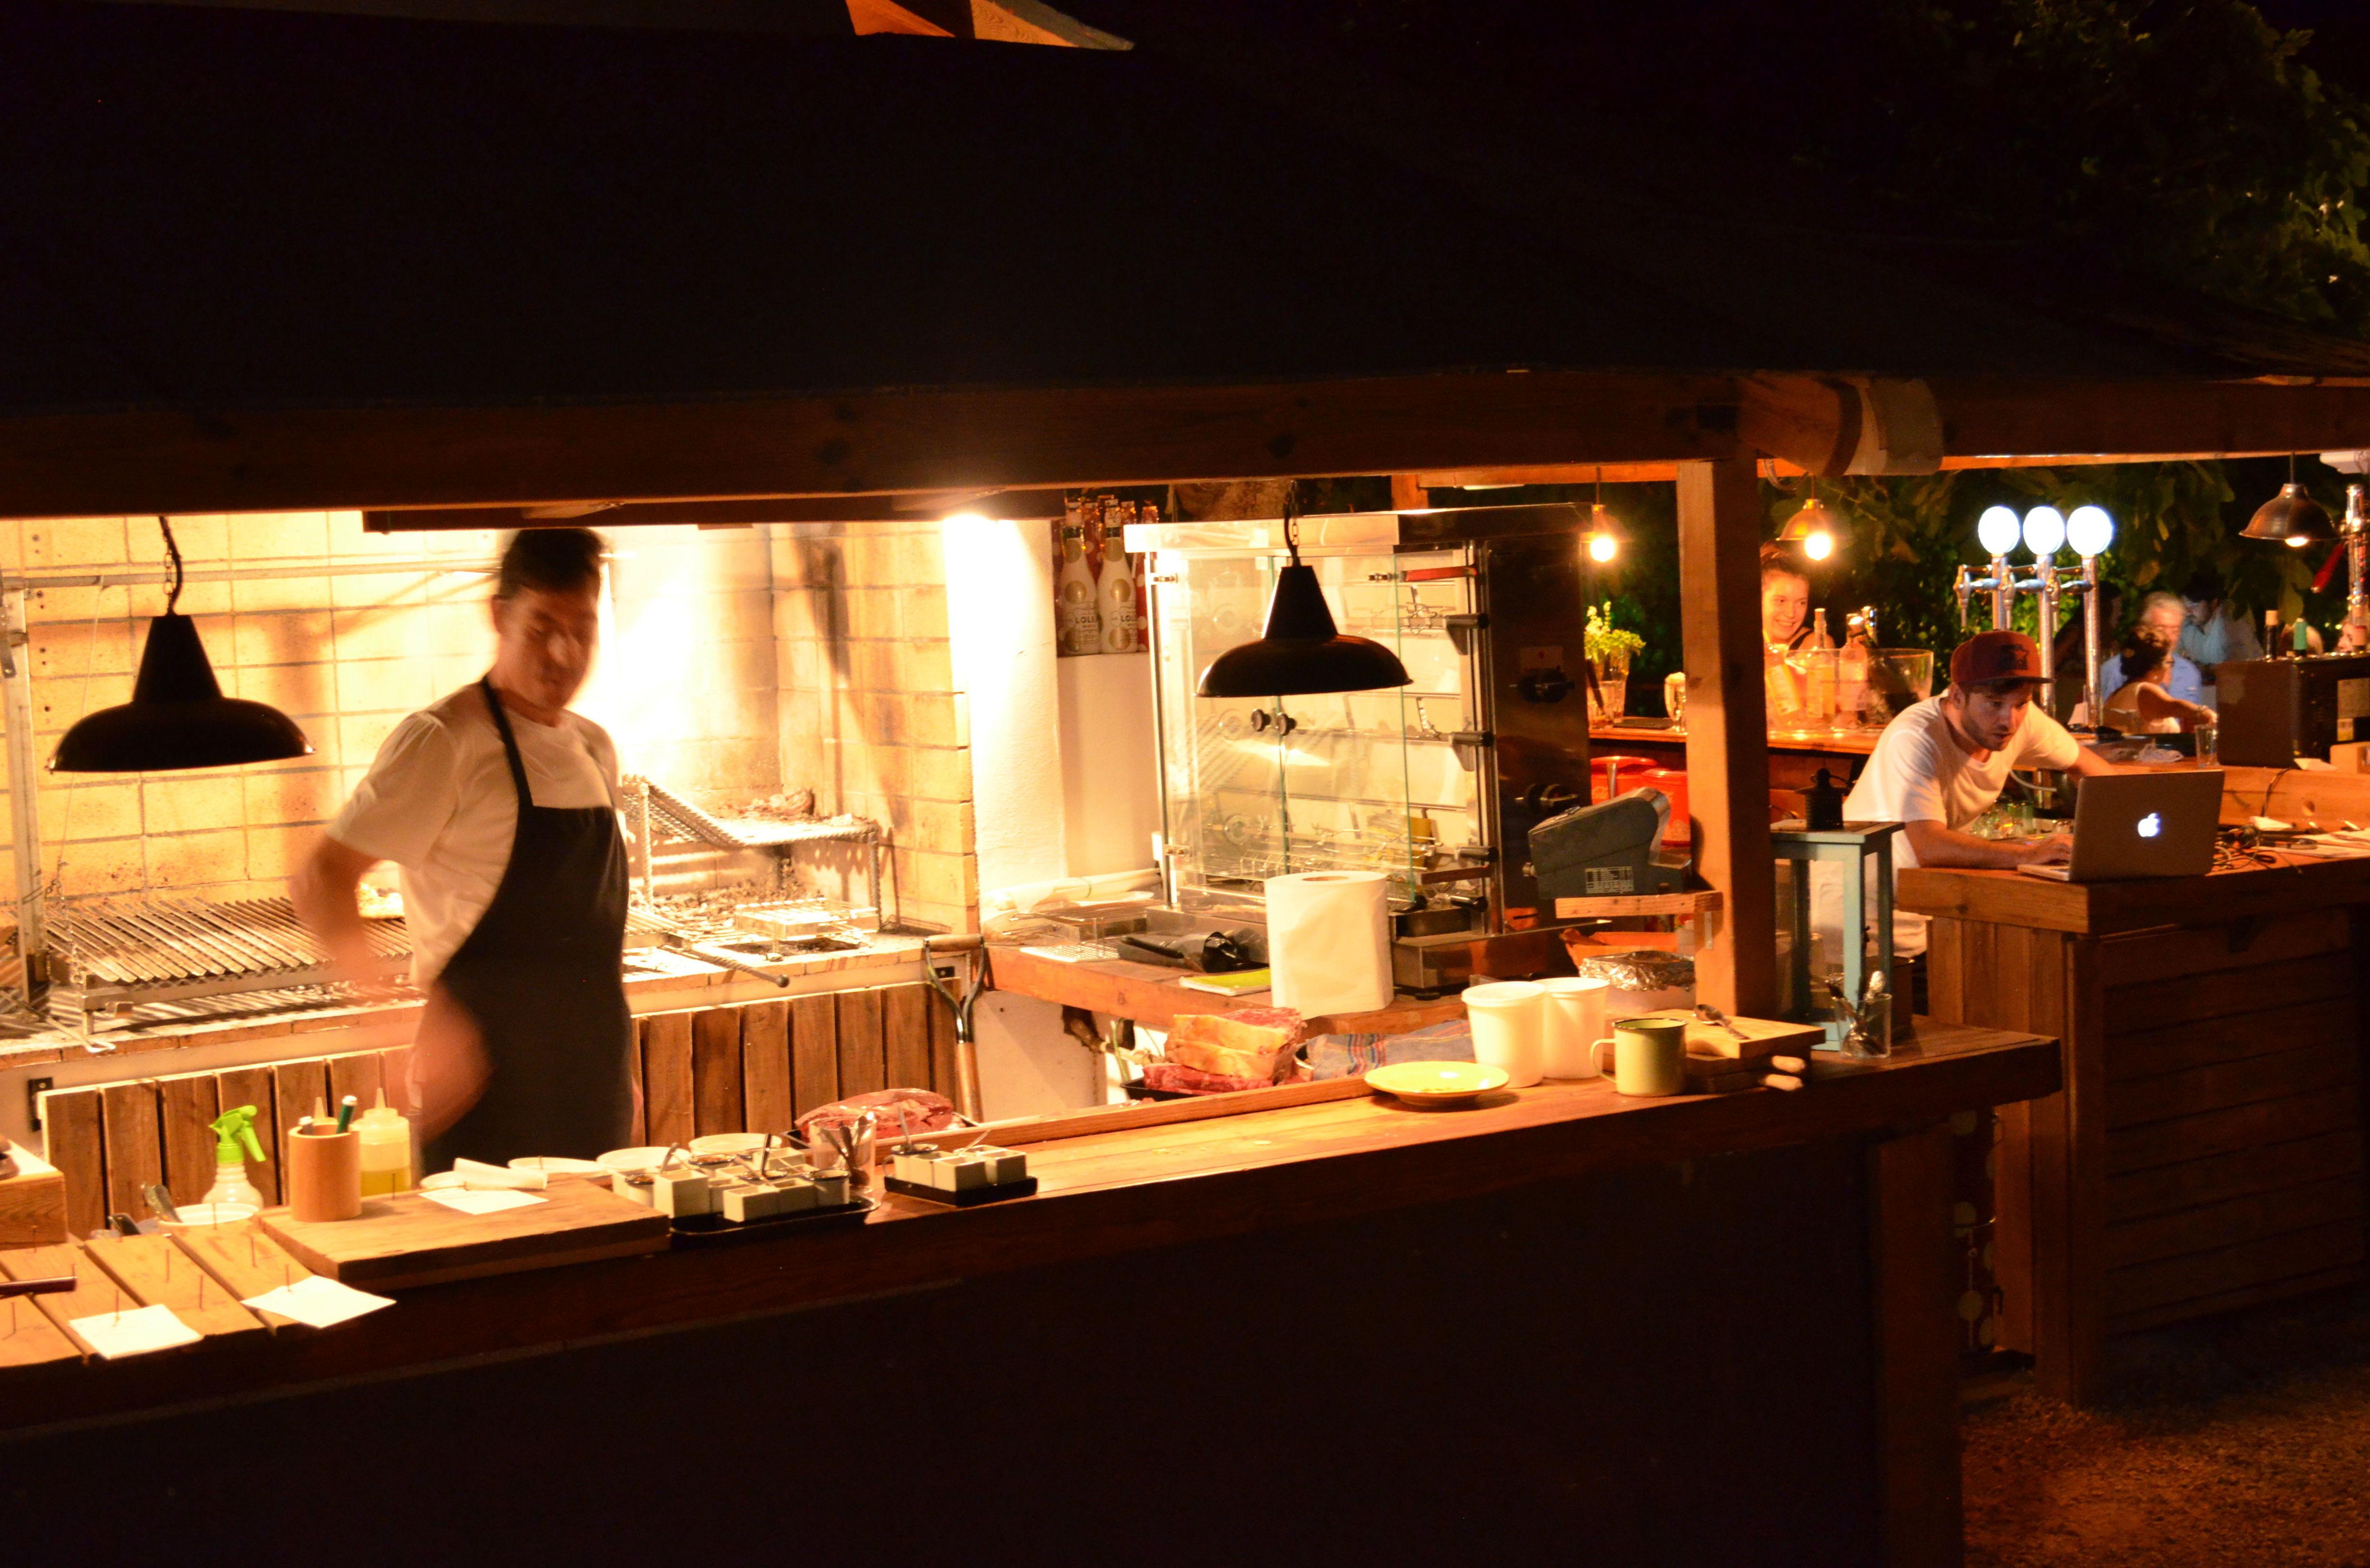 Foto 19 de Cocina mediterránea en Santa Eulària des Riu | Restaurante Parrilla con huerto propio (ESTAMOS CERRADOS HASTA EL 01/04/2019)